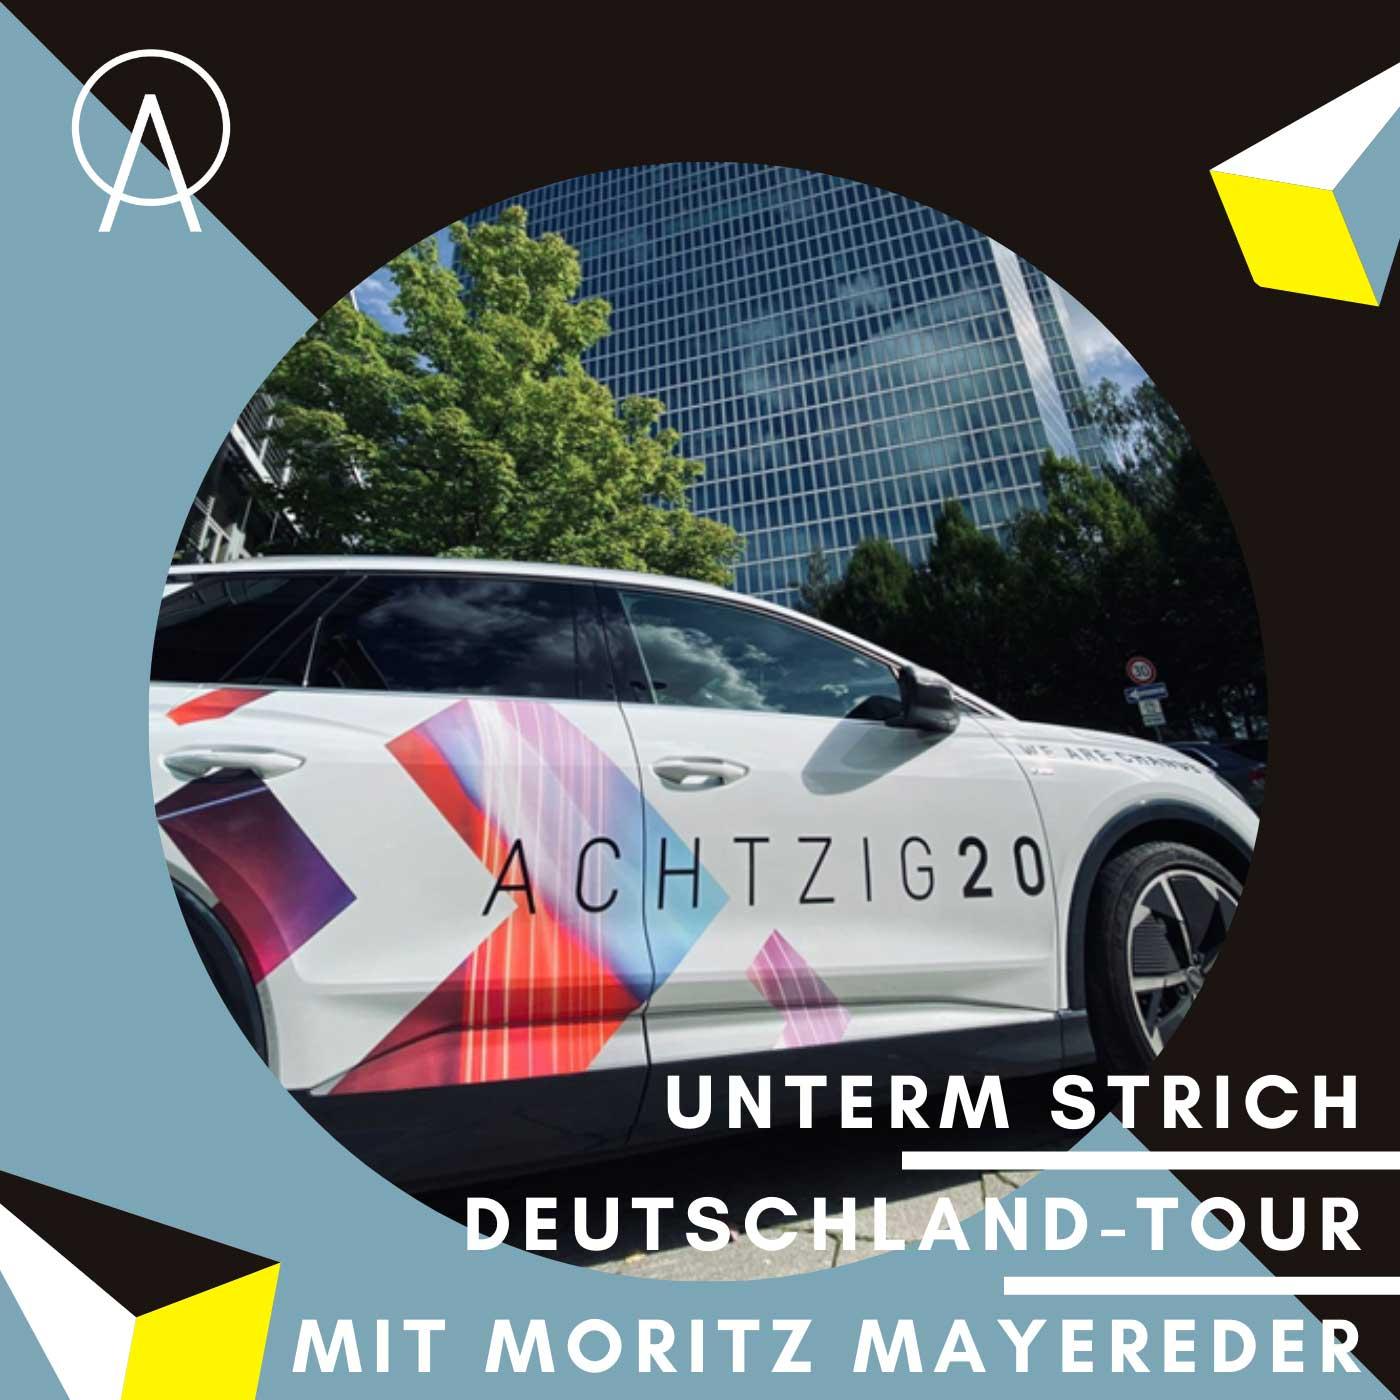 Unterm Strich Folge #064: Achtzig20-Deutschland-Tour Teil 2 – Darmstadt mit Softwareentwickler Moritz